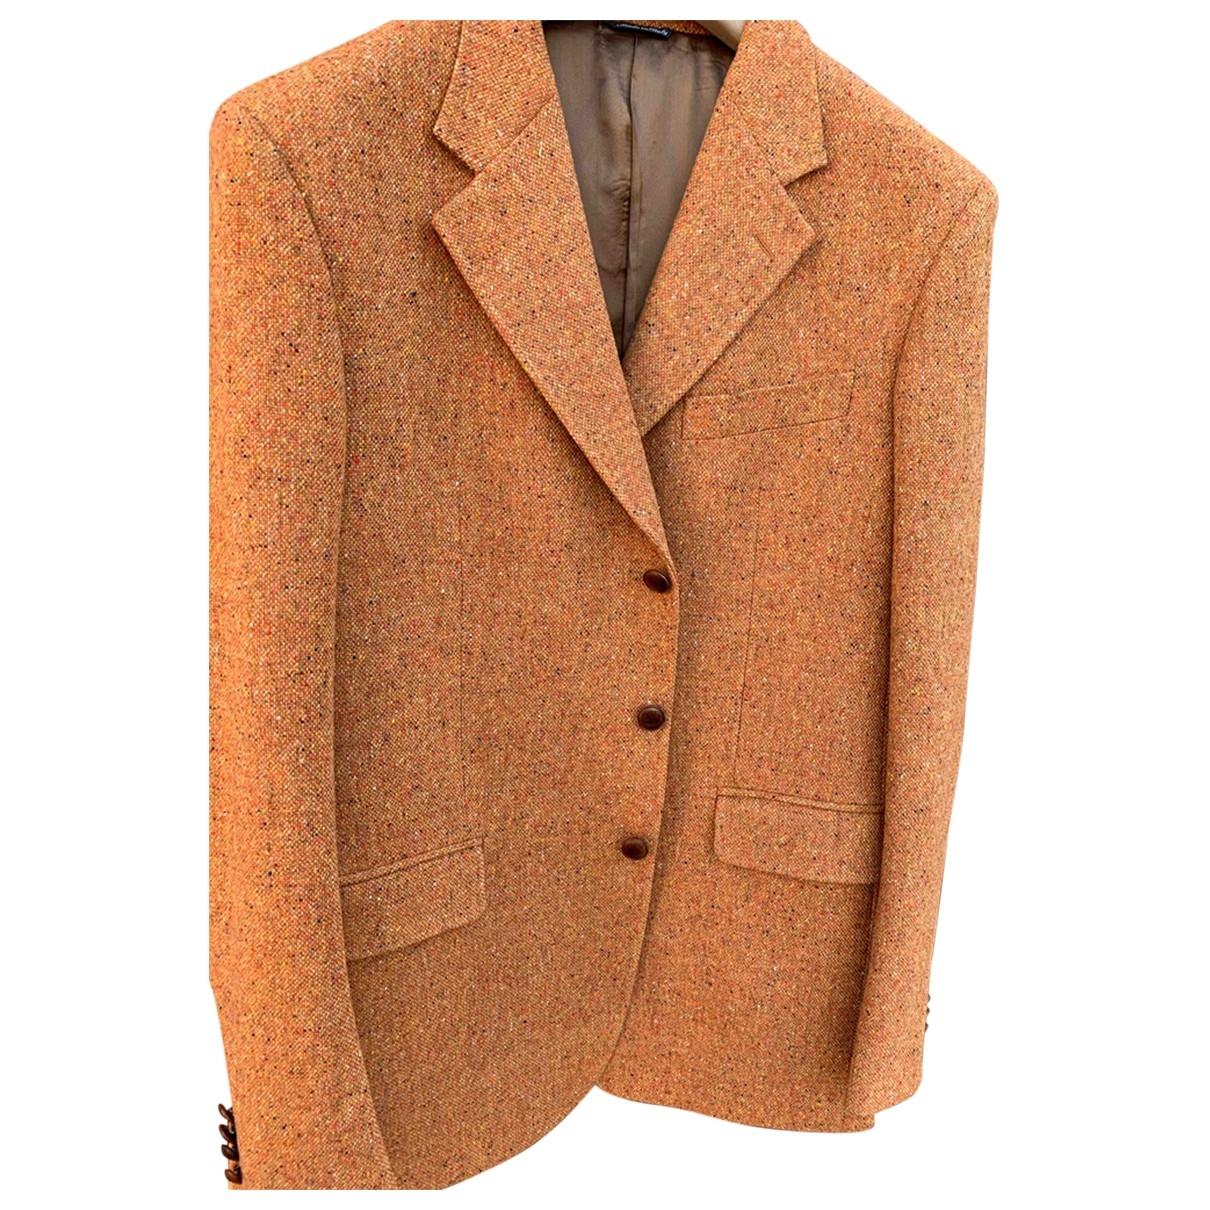 Tombolini - Vestes.Blousons   pour homme en laine - marron